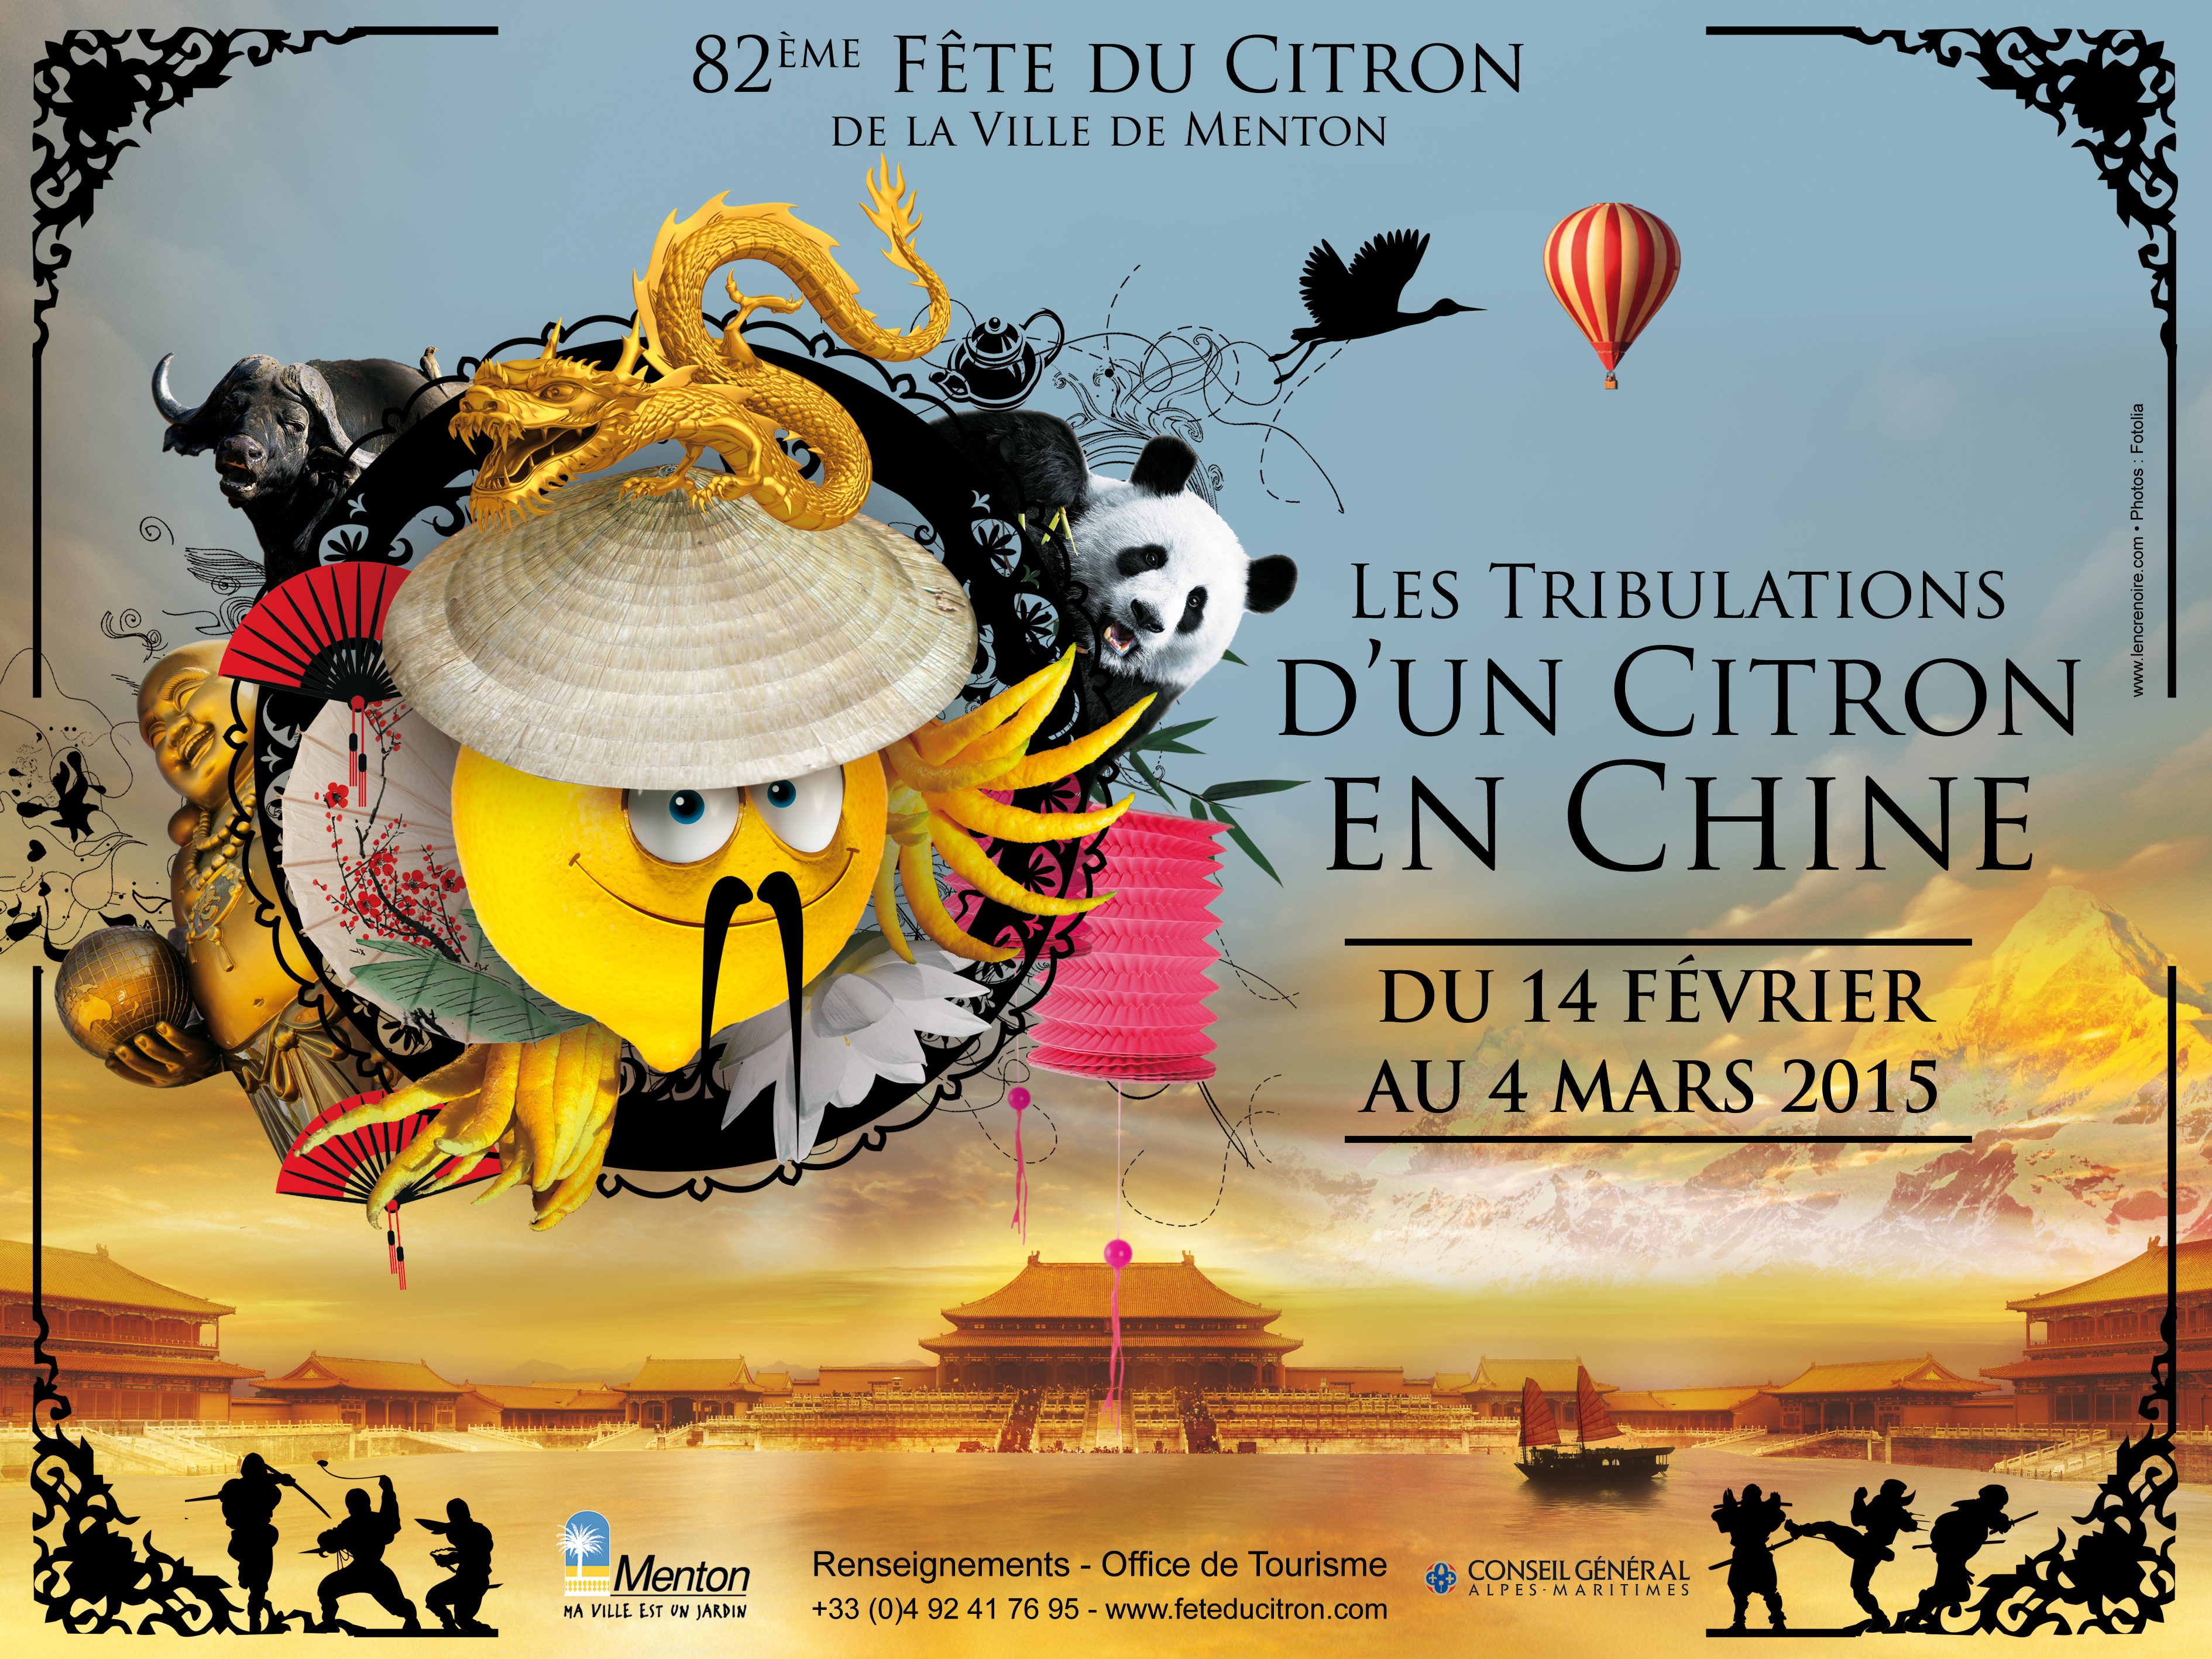 Fête du Citron à Menton : les tribulations d'un citron en Chine